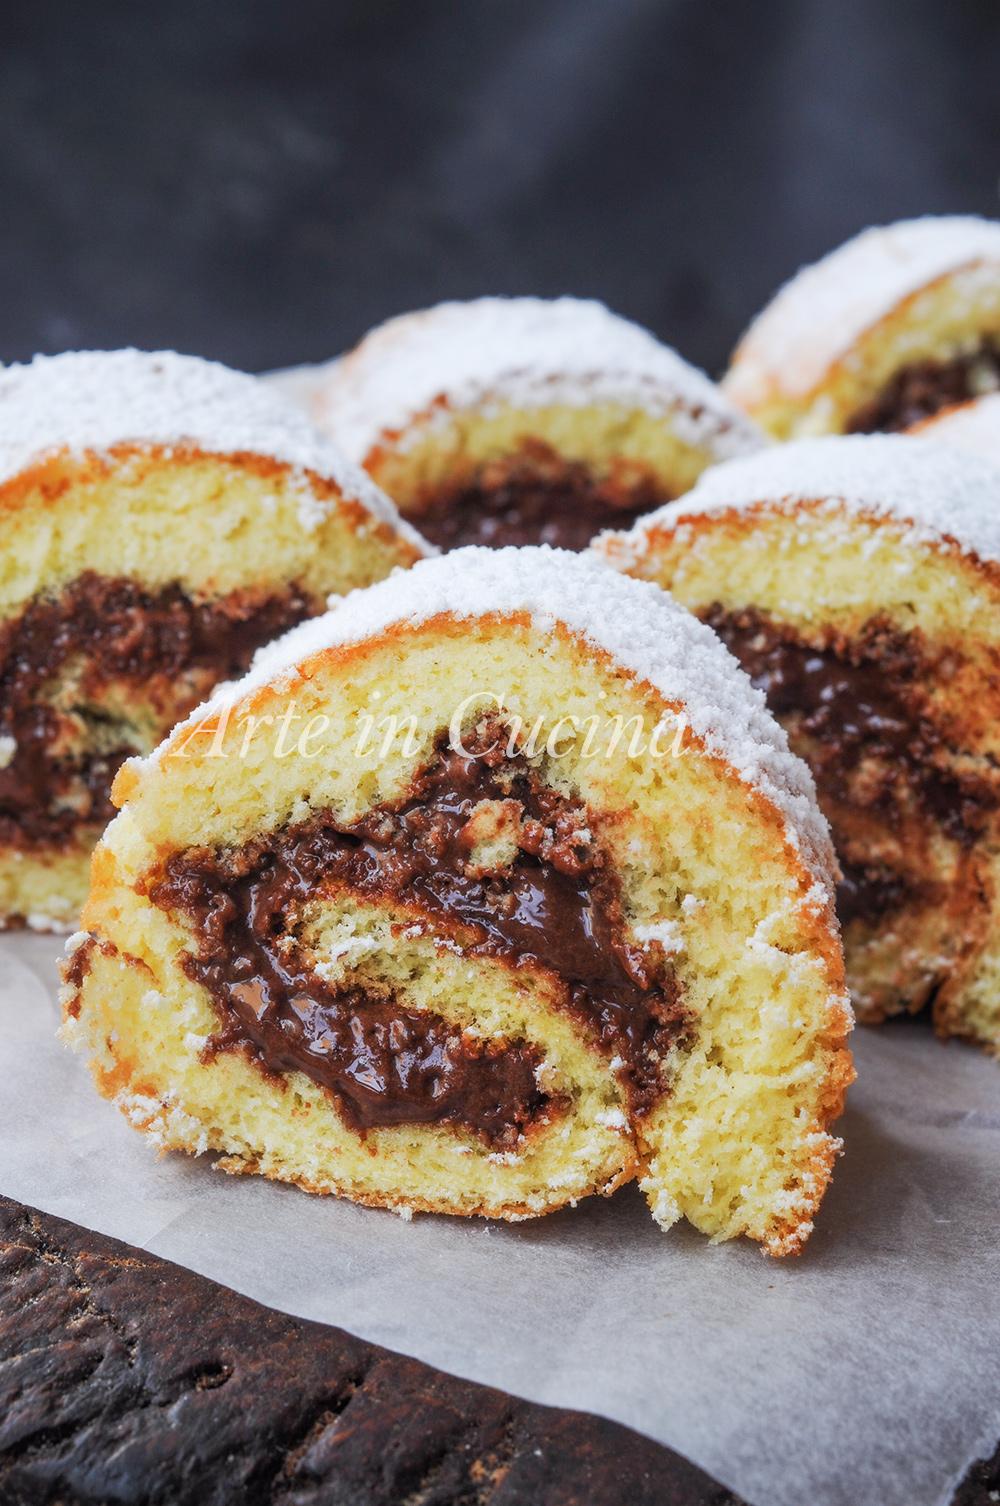 girelle-mousse-cioccolato-senza-panna-dolci-veloci-2